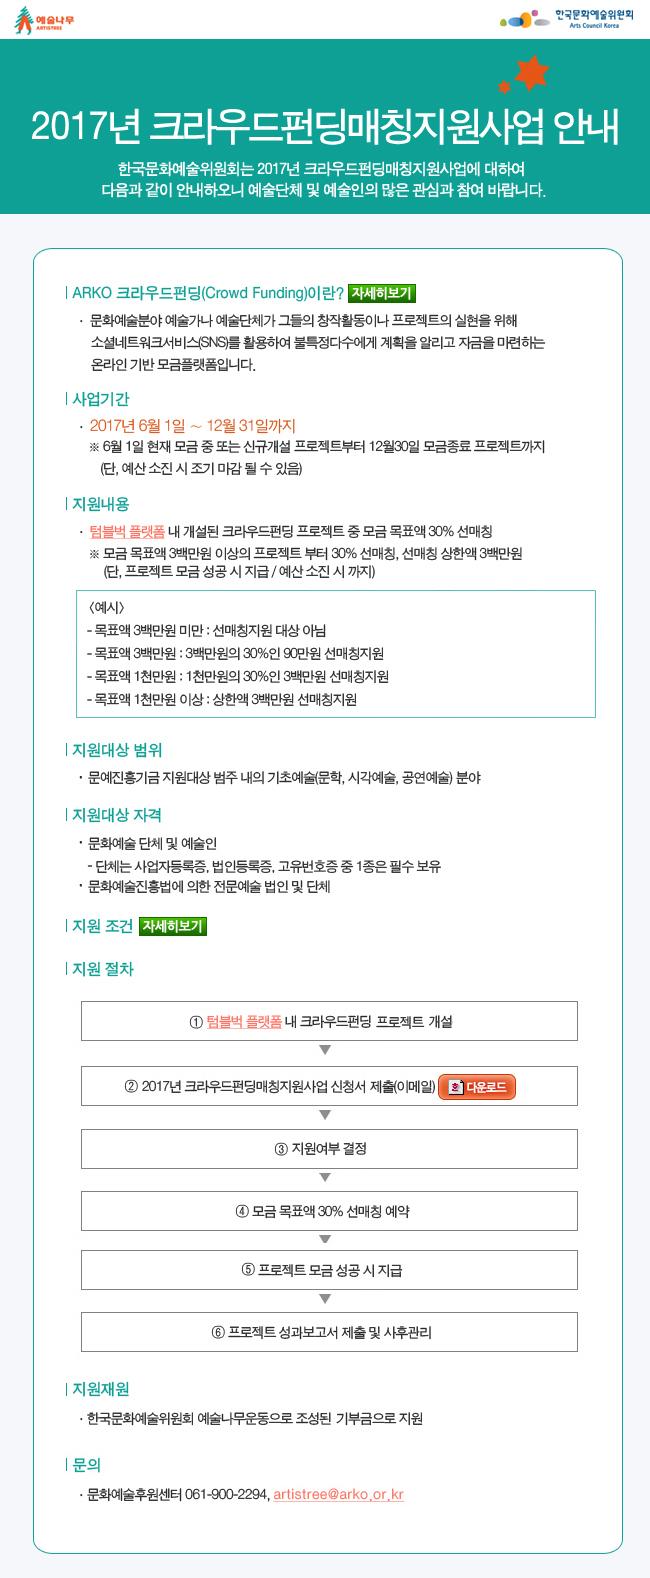 2017년 크라우드펀딩 매칭지원사업 안내